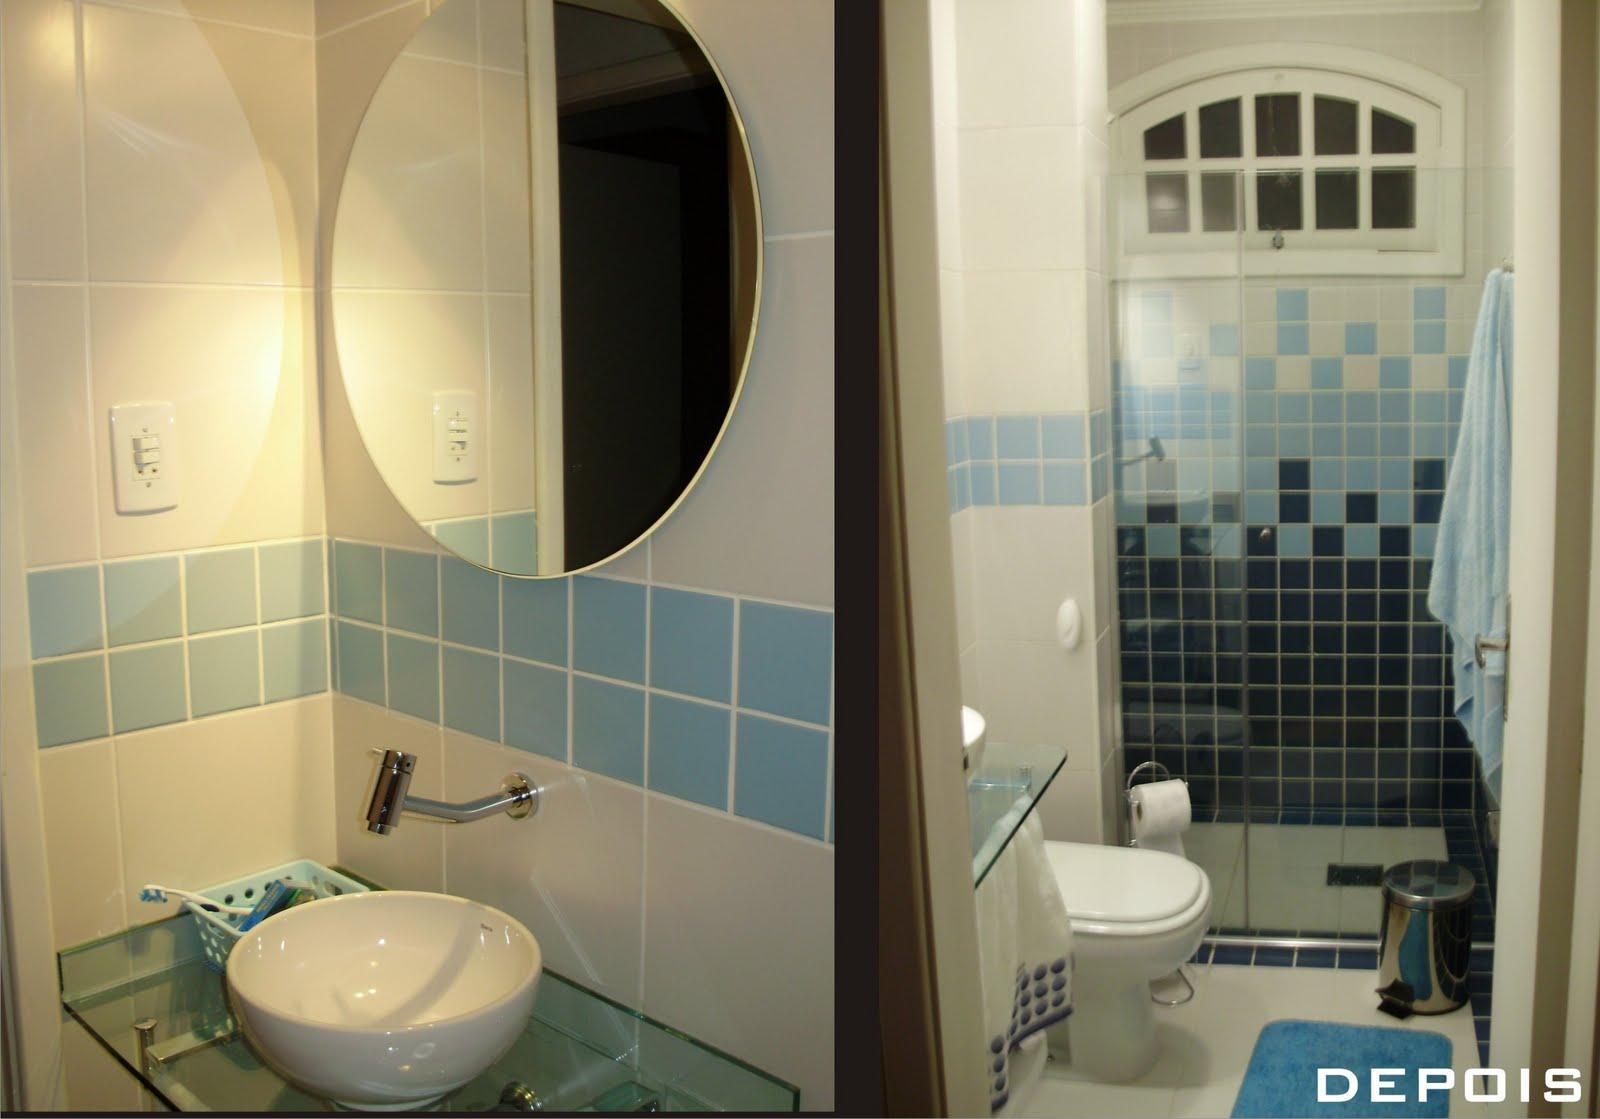 Postado por Forma & Design Estúdio de Arquitetura às 16:57 #8A7E41 1600x1119 Arquitetura Para Banheiro